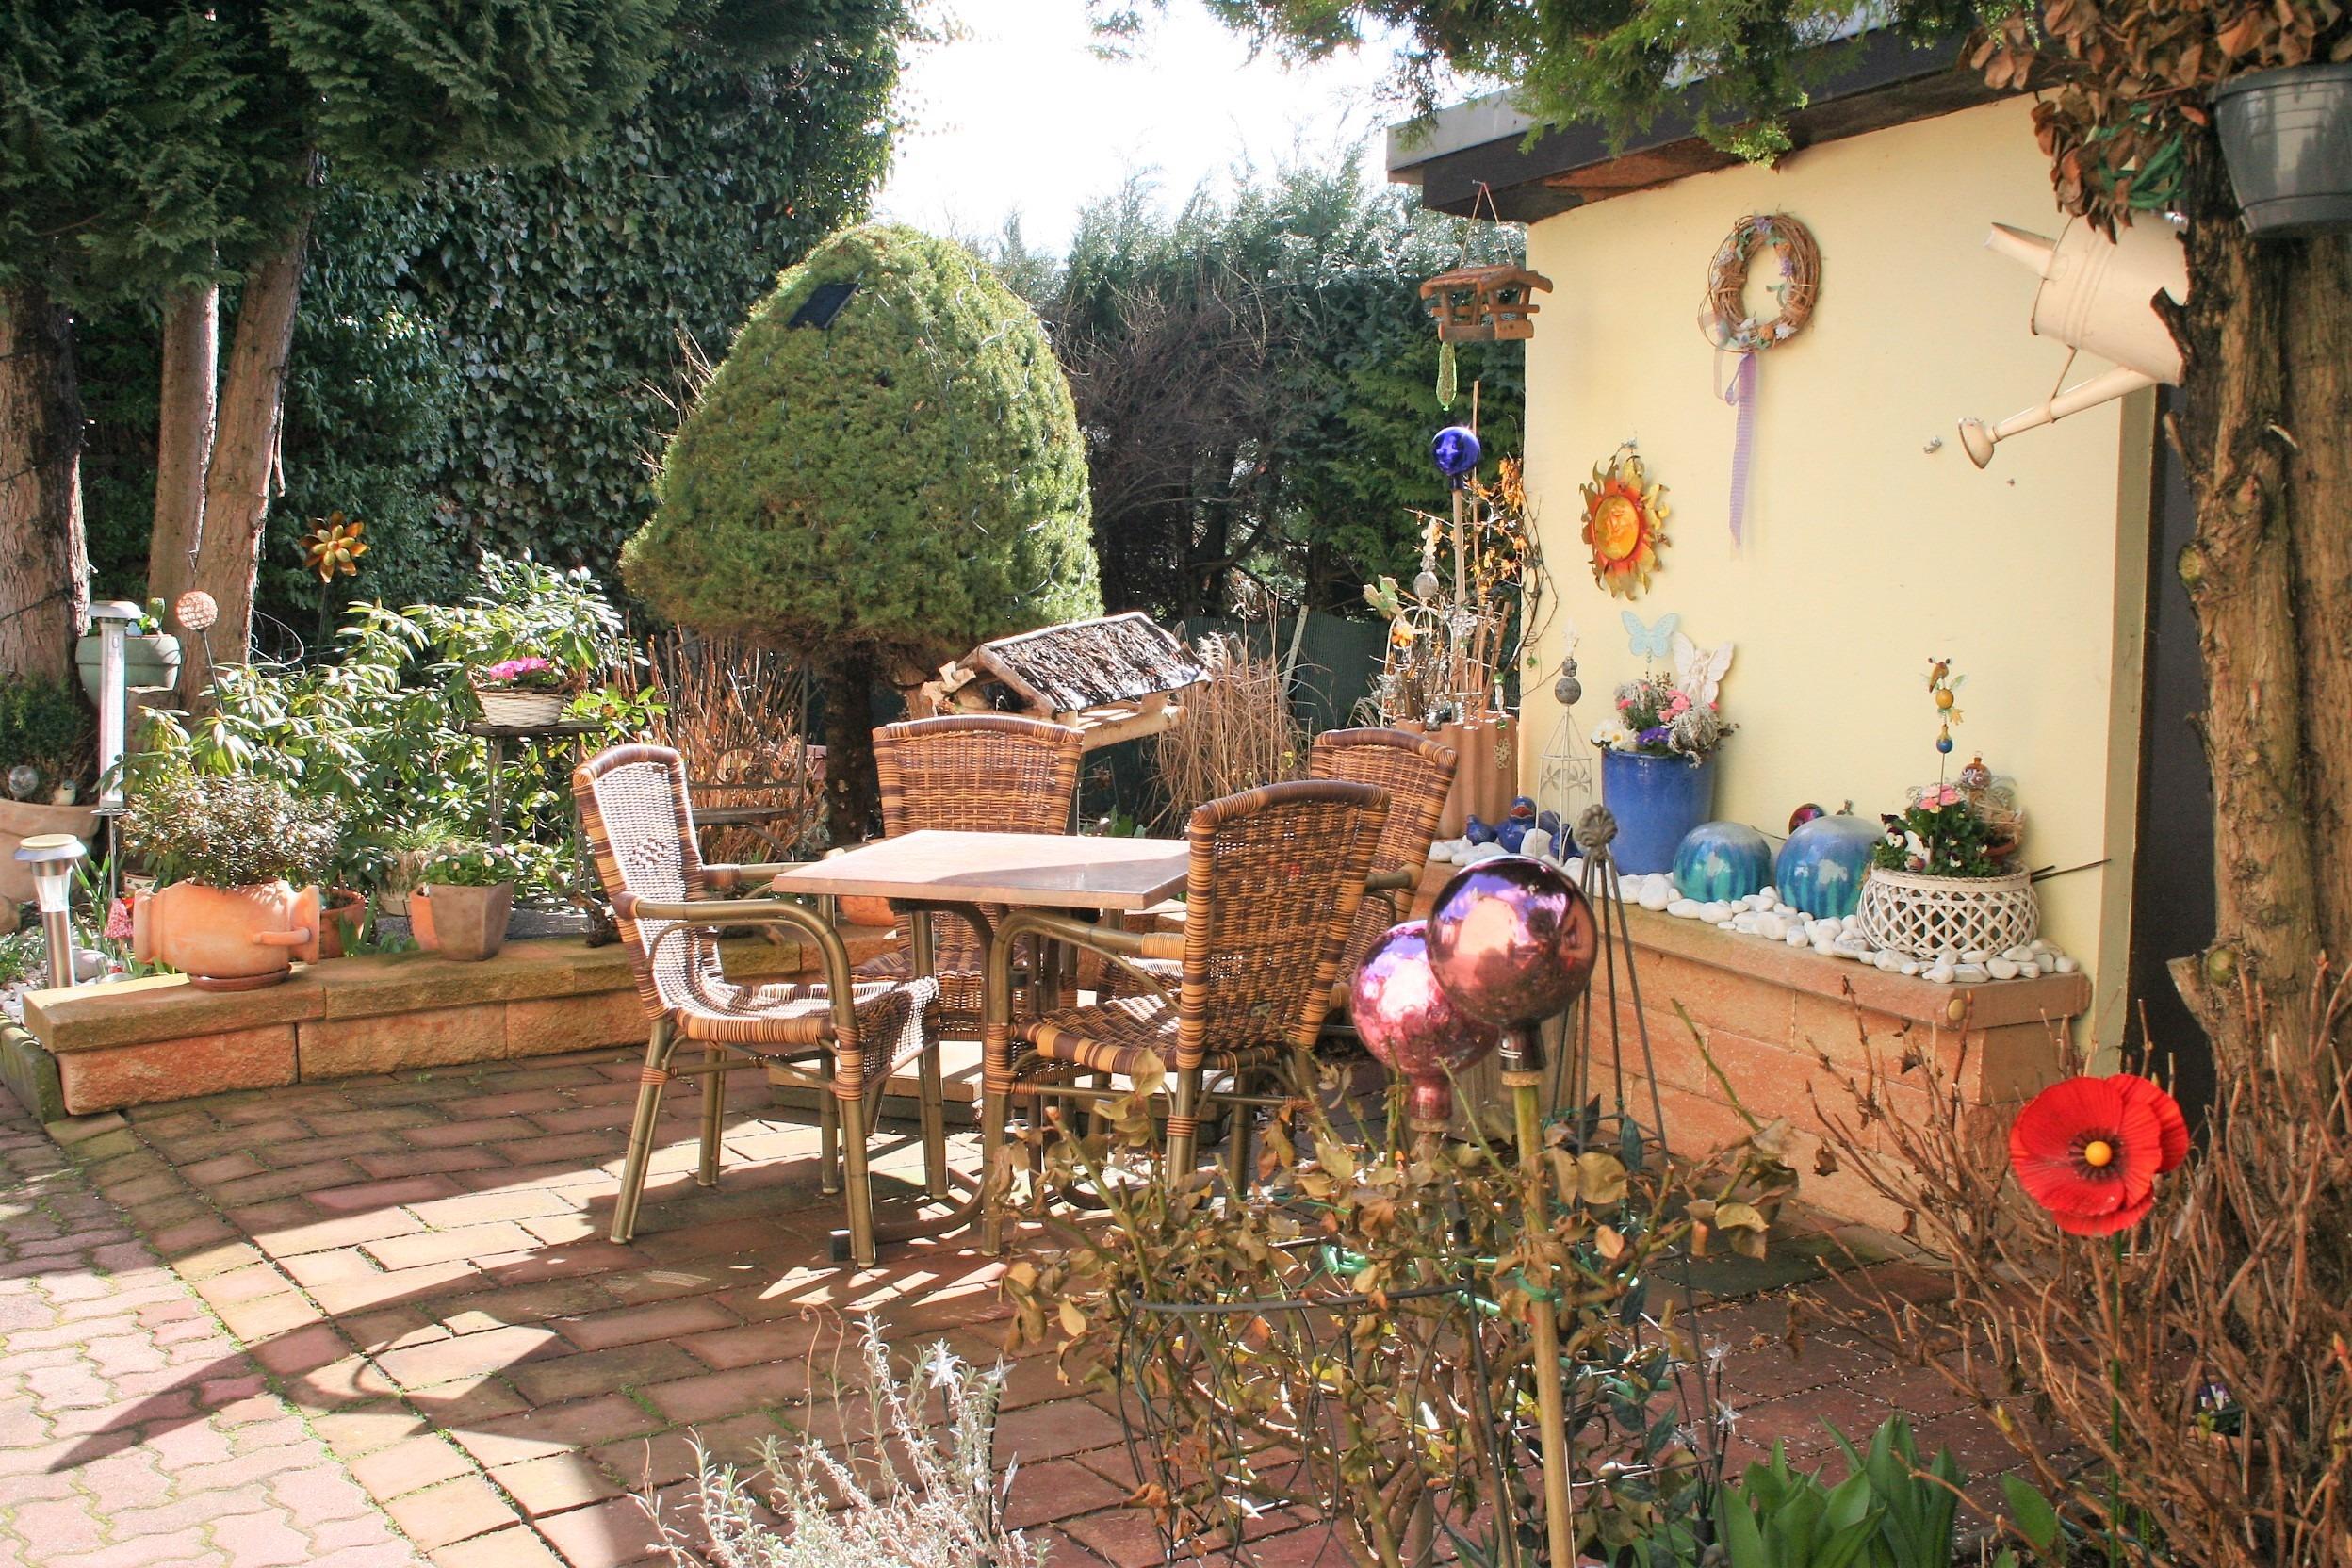 Mehrfamilienhaus/Pension in Peißen - Sitzecke im Hof